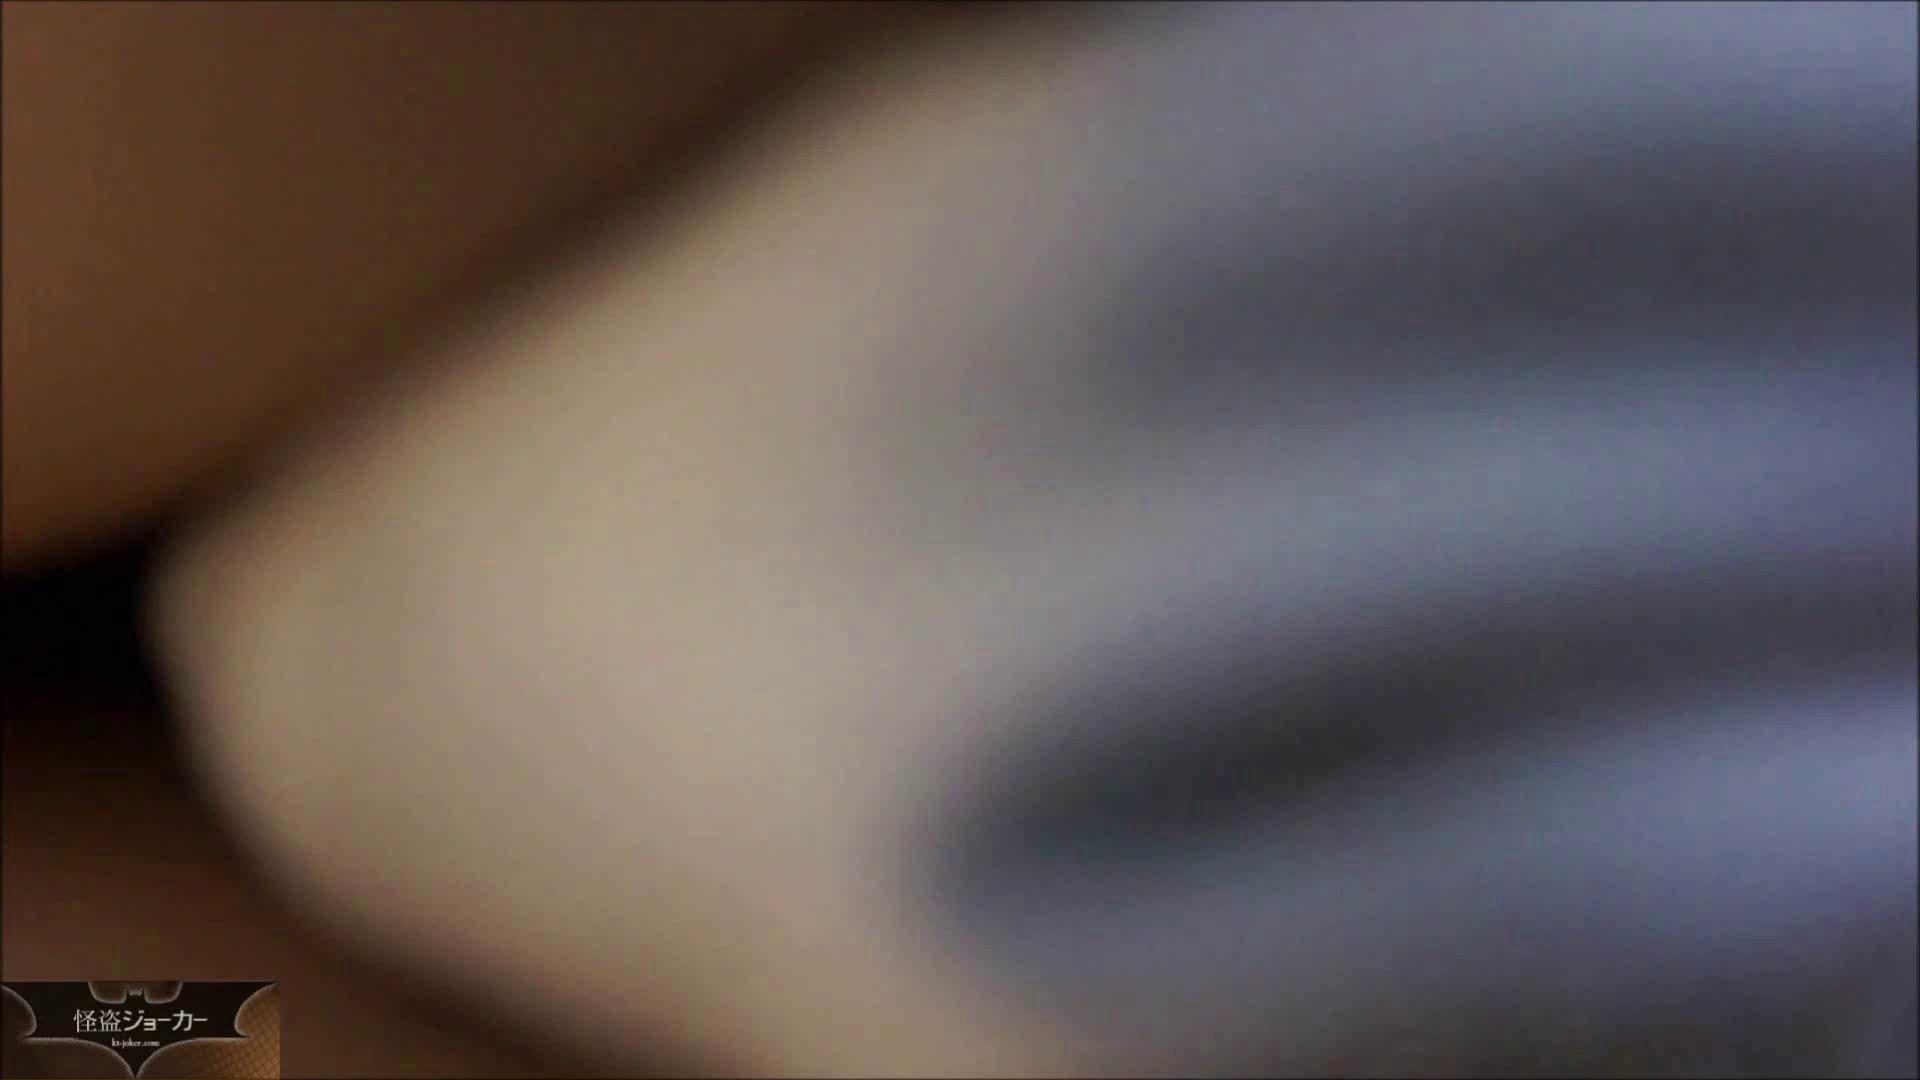 vol.1【現役JD】じゅりちゃん☆新歓コンパの3次会後、酔い潰してから! ロリ  111PIX 43